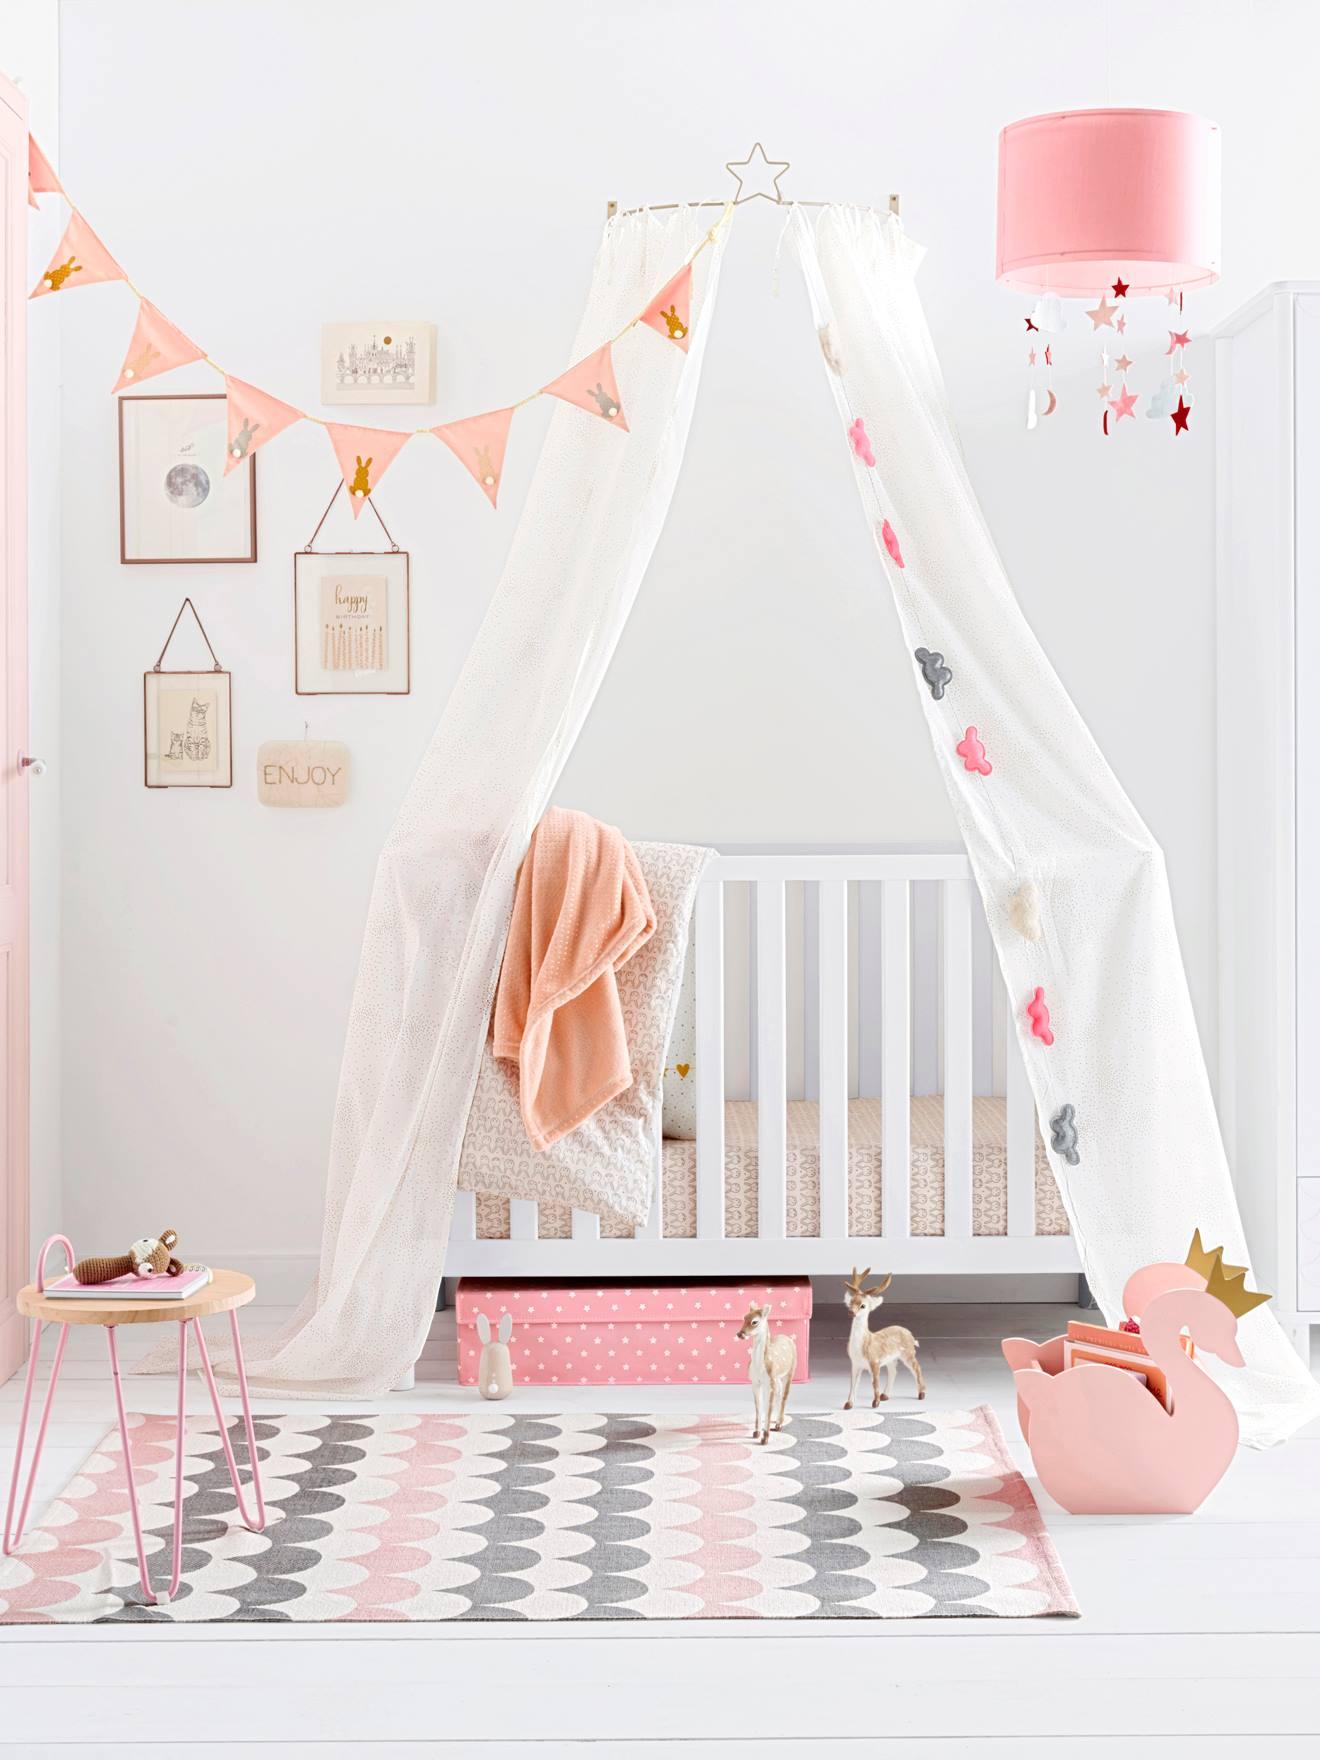 Kinderzimmer-Girlande, Wolken, Deko & Aufbewahren